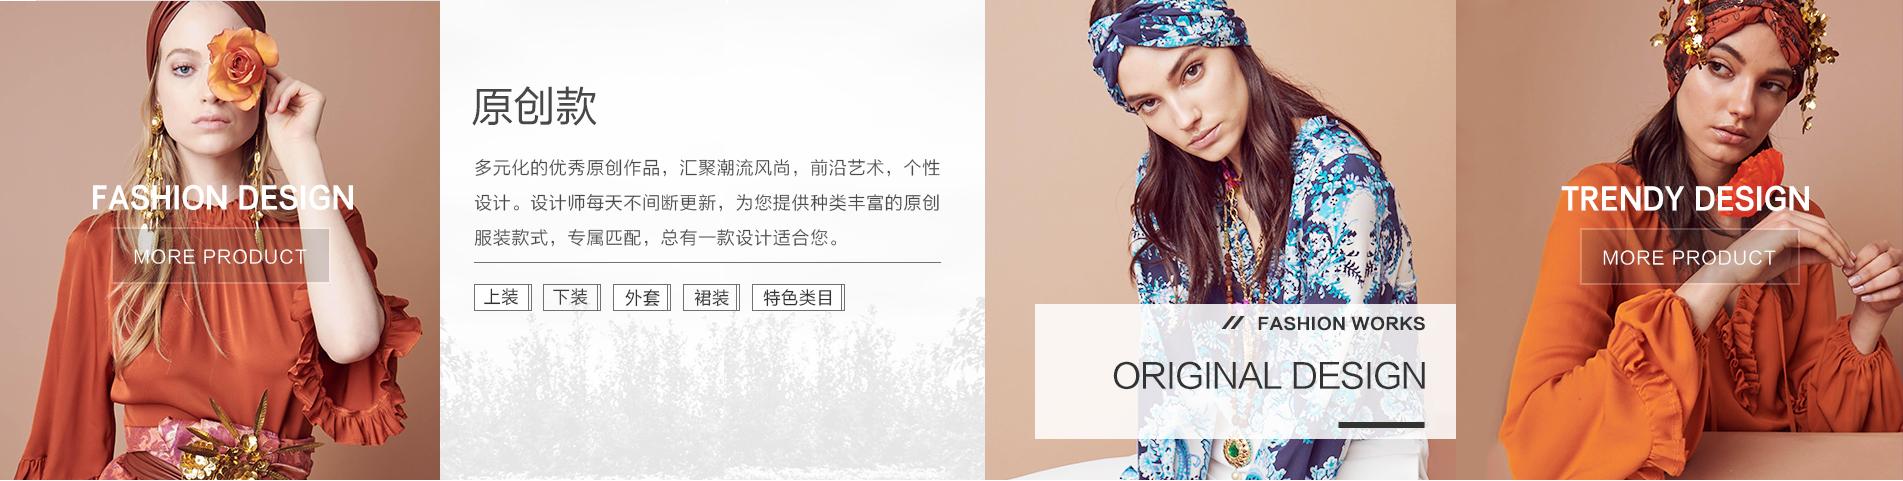 ope娱乐手机版原创款banner图